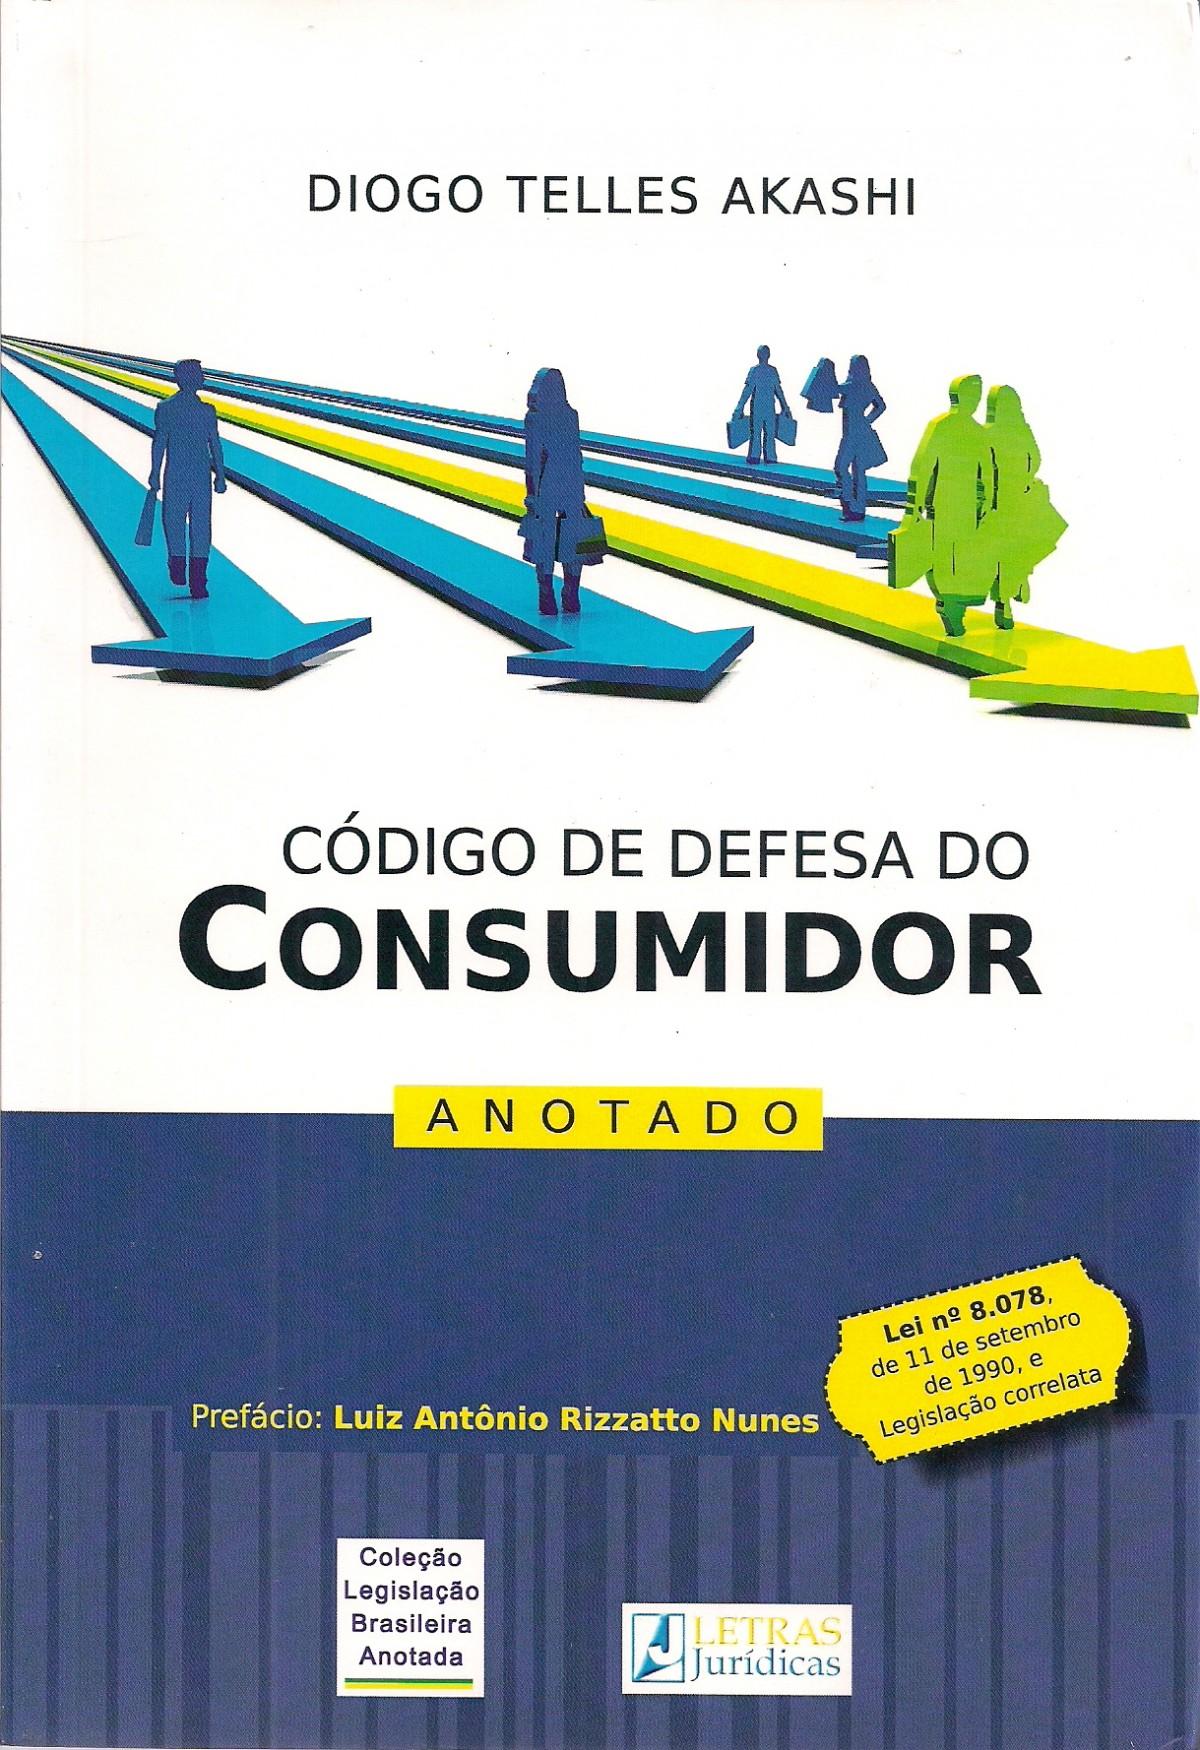 Foto 1 - Código de Defesa do Consumidor - Anotado